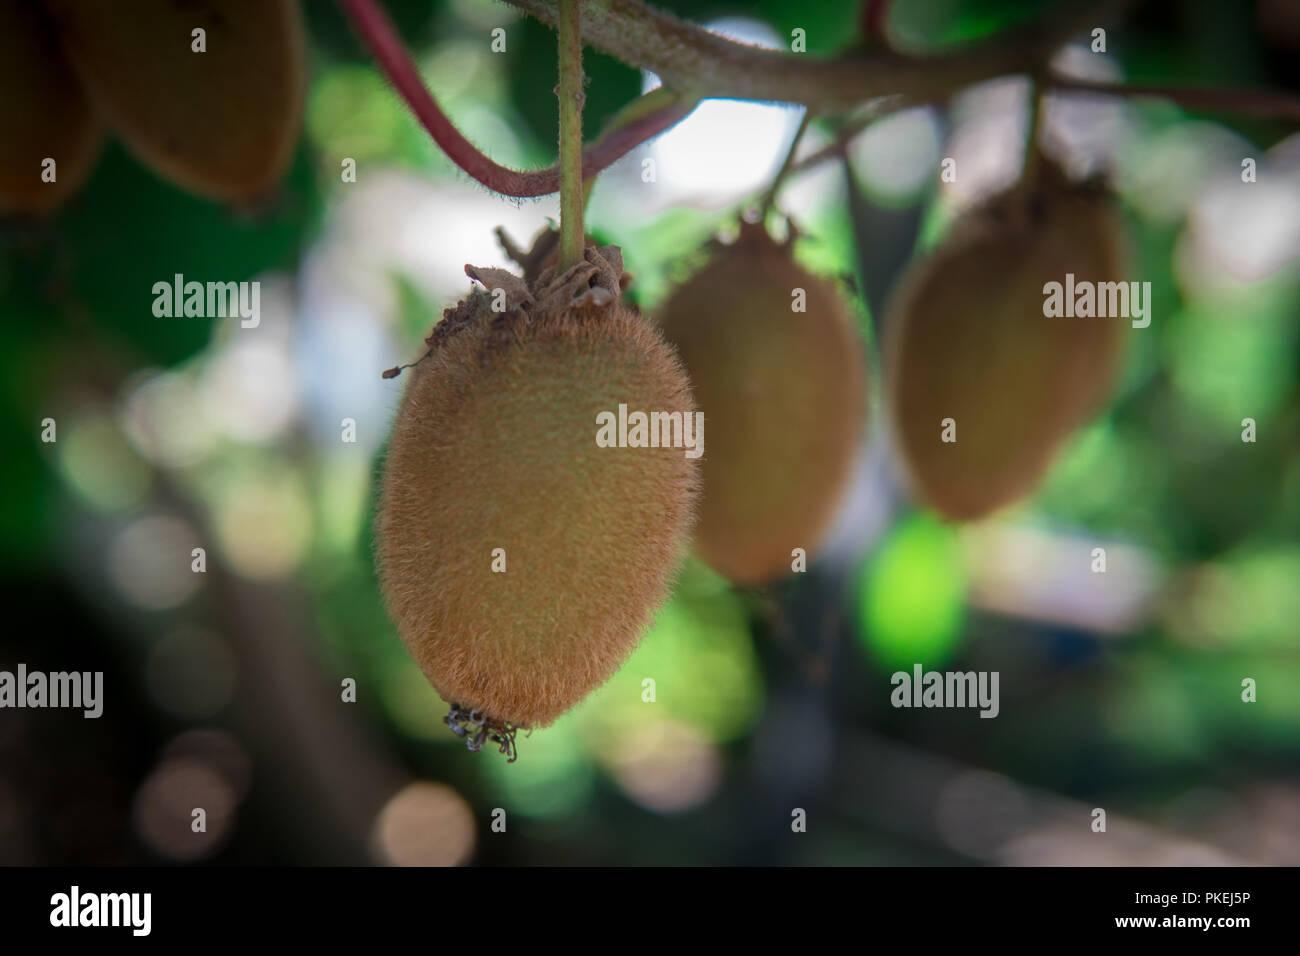 Kiwi fruit on the branch. Some Kiwi on a tree - Stock Image